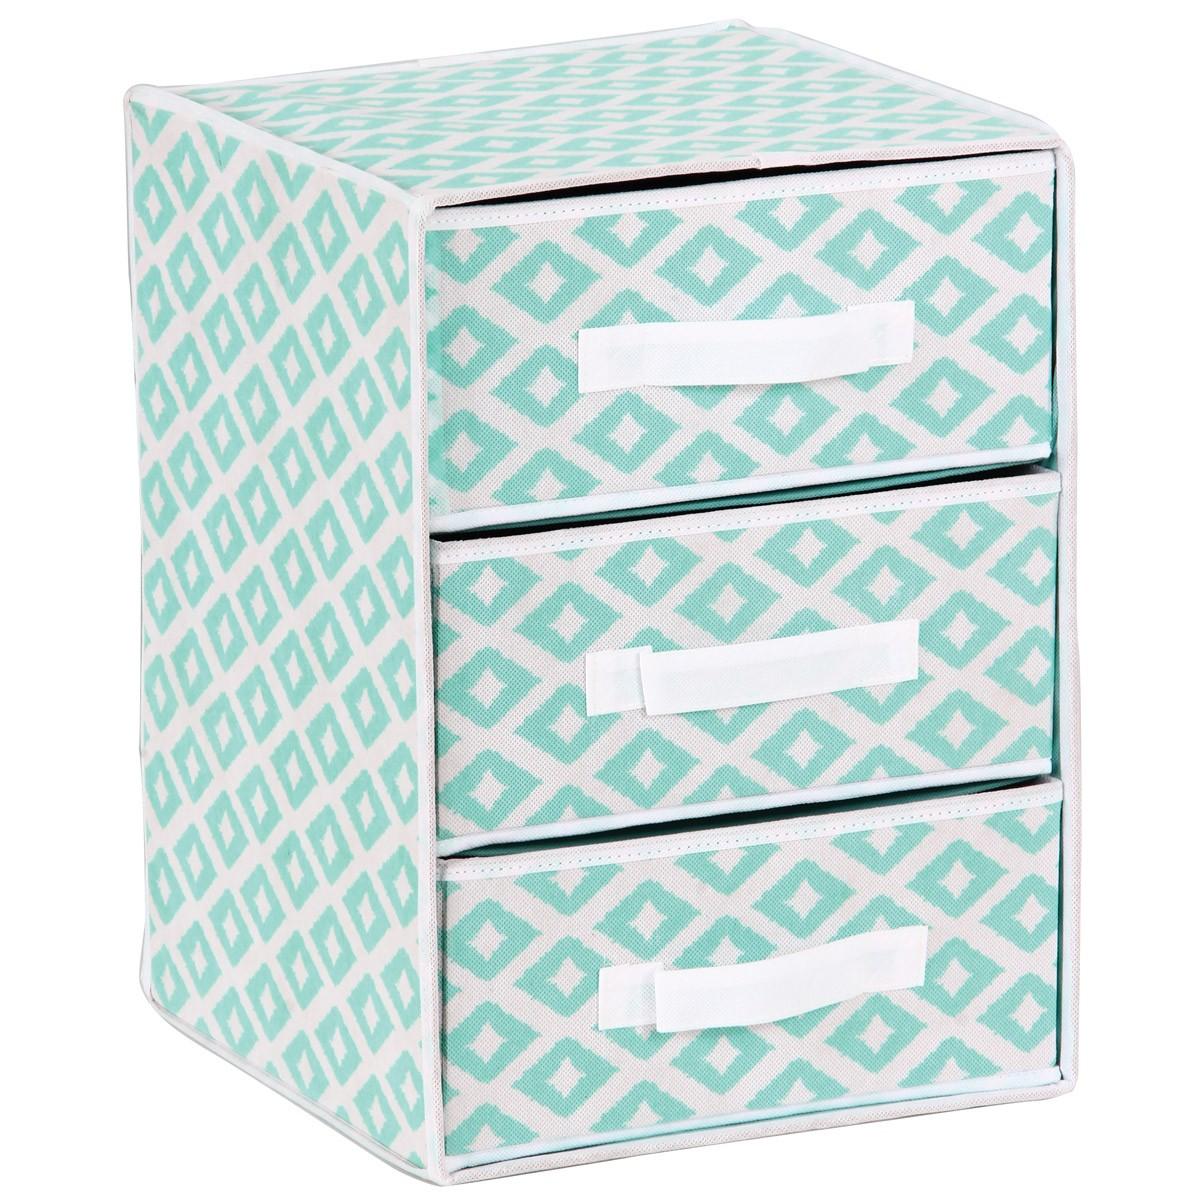 Συρταριέρα Τακτοποίησης 3 Θέσεων εstia 03-2091 Turquoise home   κρεβατοκάμαρα   οργάνωση ντουλάπας